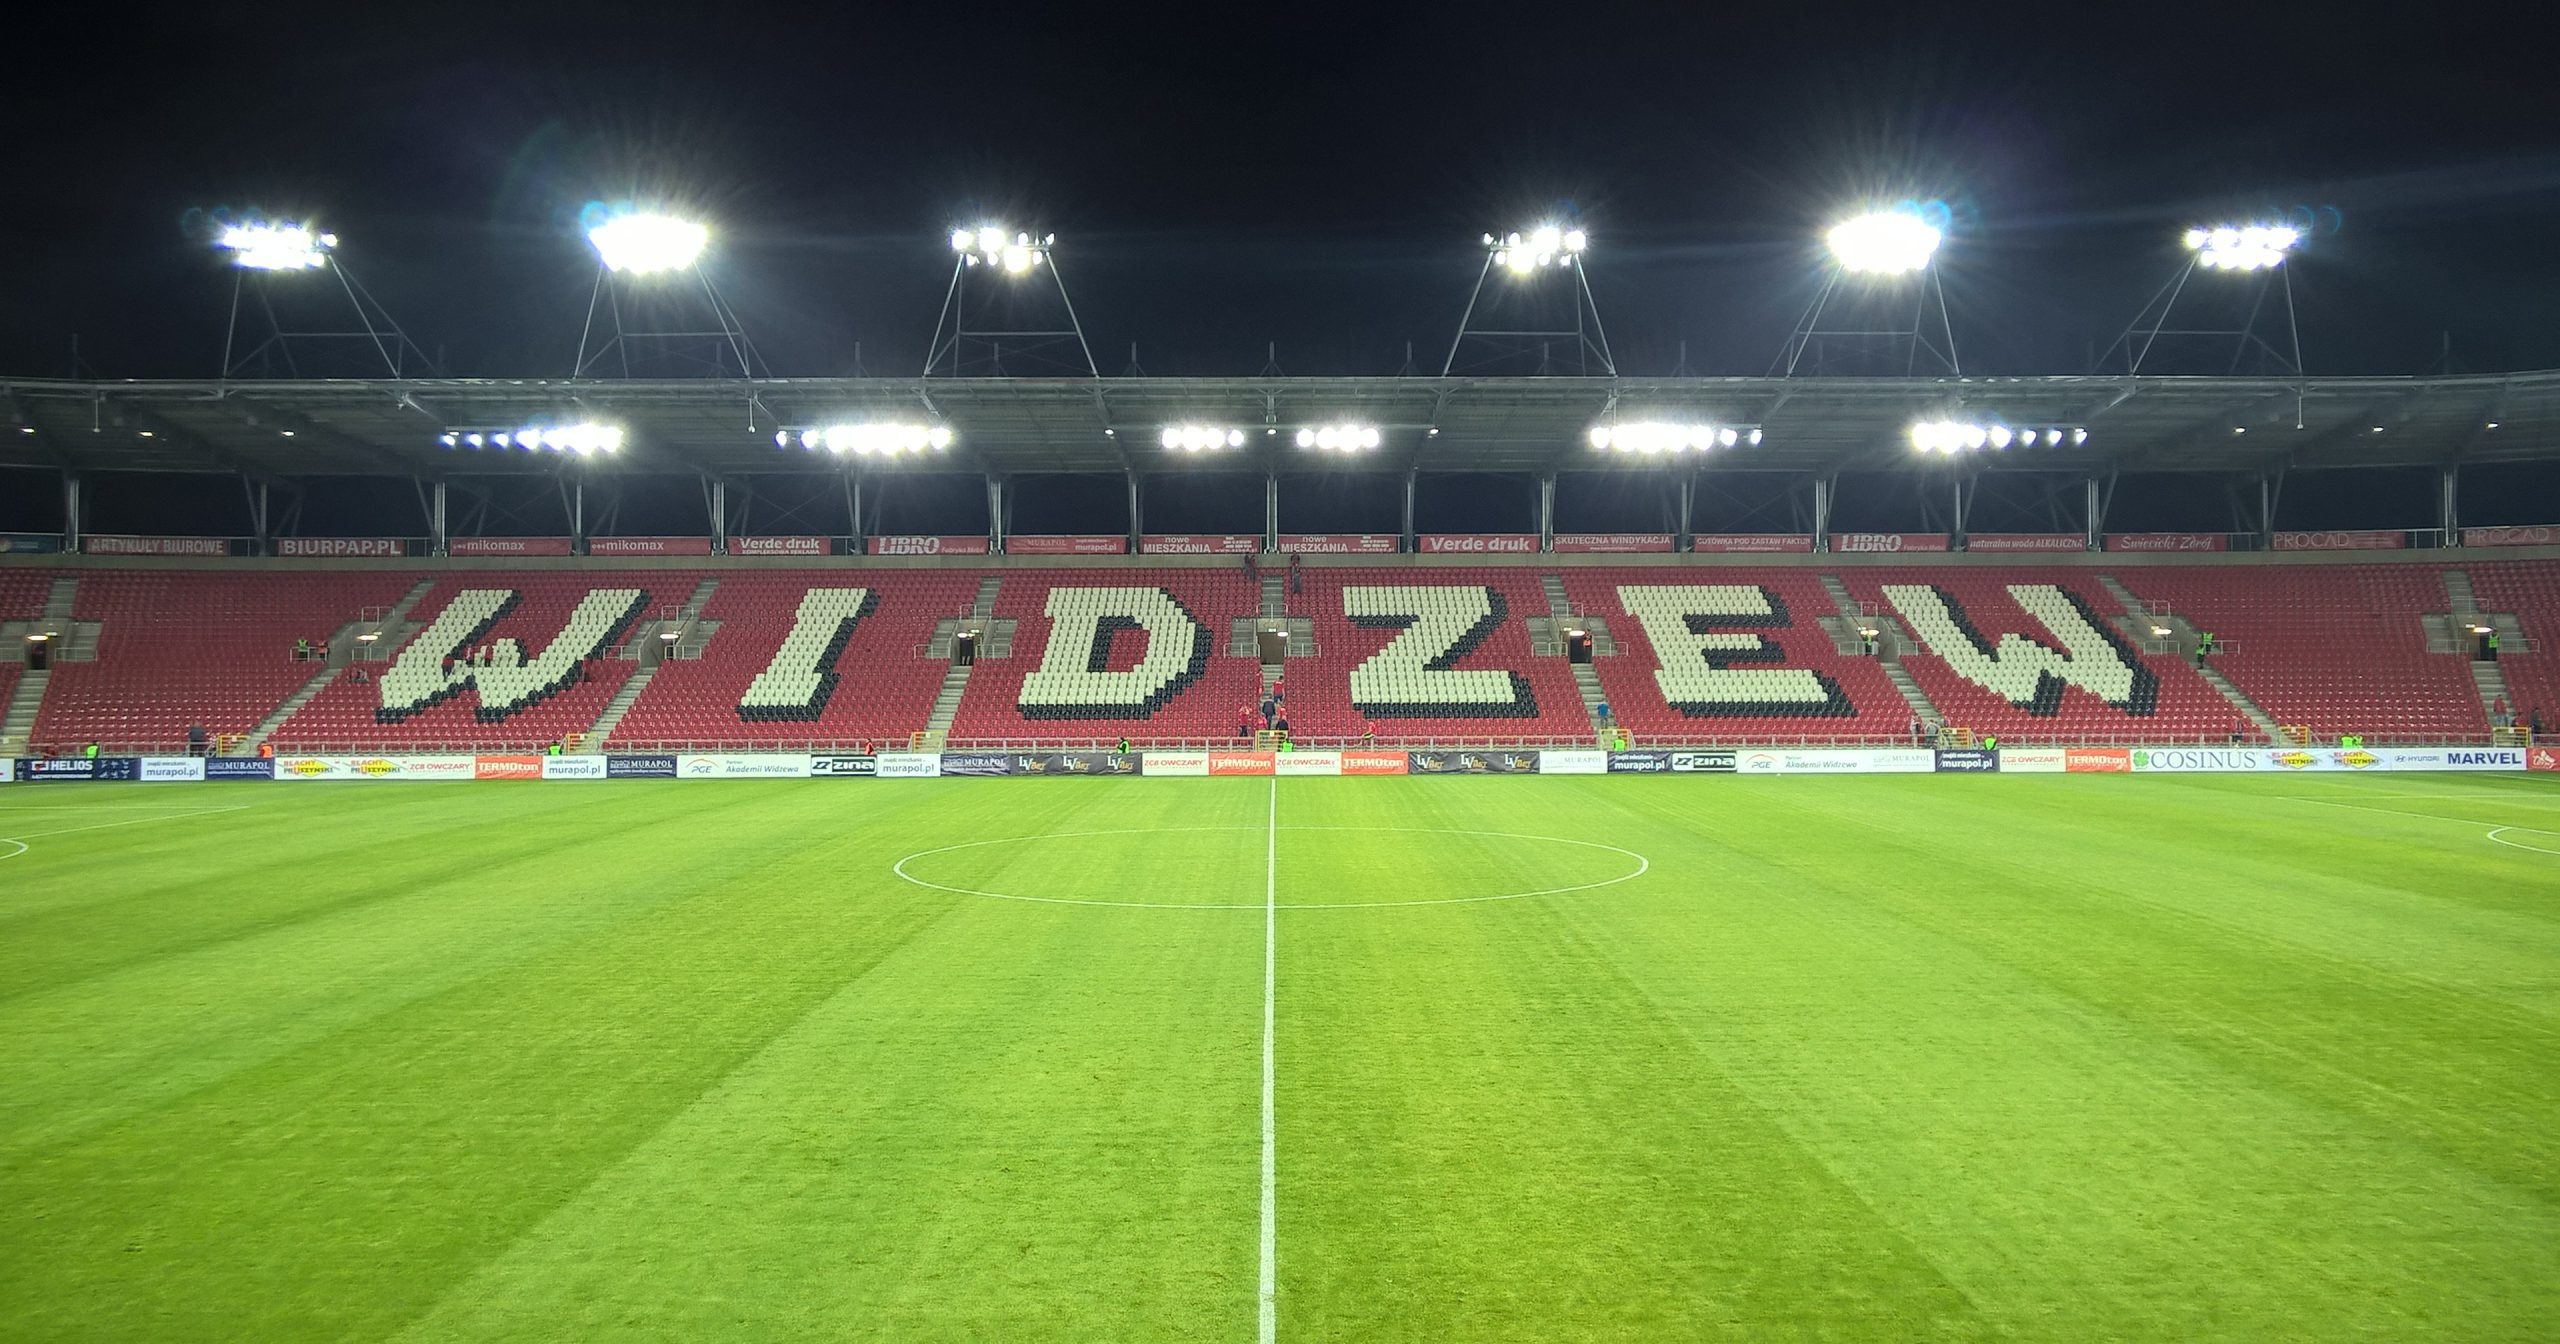 GKS Jastrzębie - Widzew Łódź. Typy, kursy (25.09.2020)